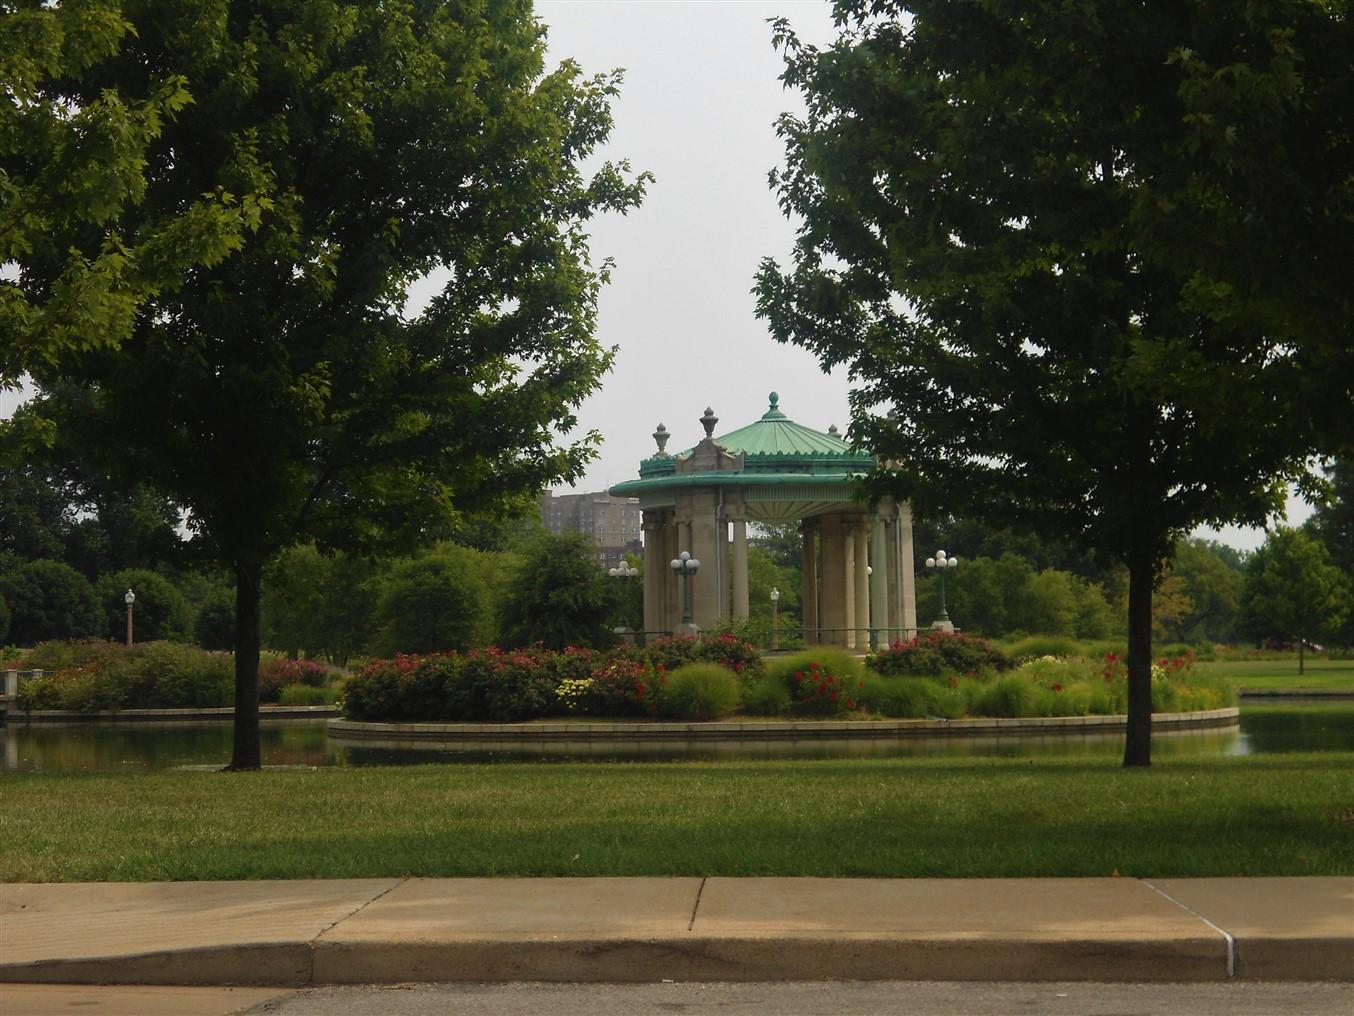 2012 07 01 102 St Louis.jpg